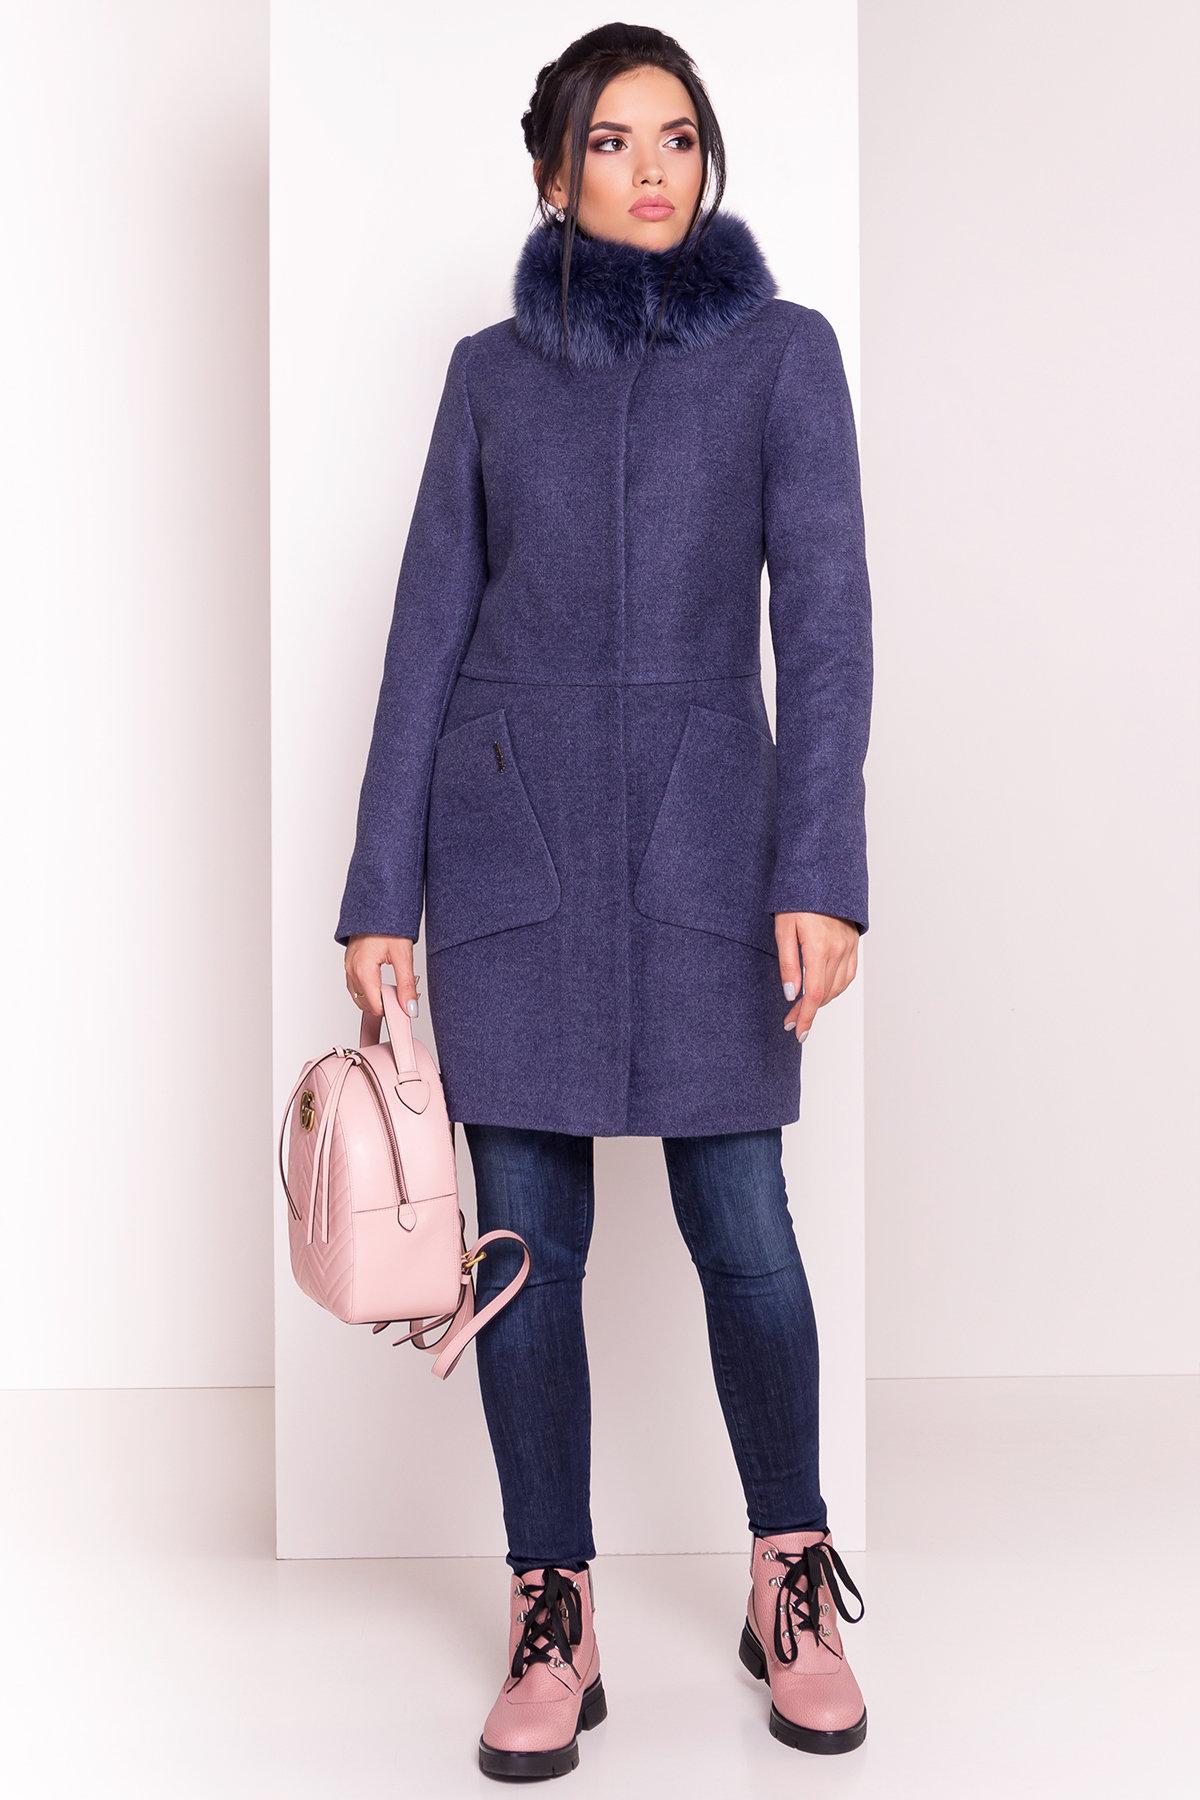 Пальто зима с меховым воротником стойкой Габи 4175 АРТ. 36700 Цвет: Джинс - фото 2, интернет магазин tm-modus.ru